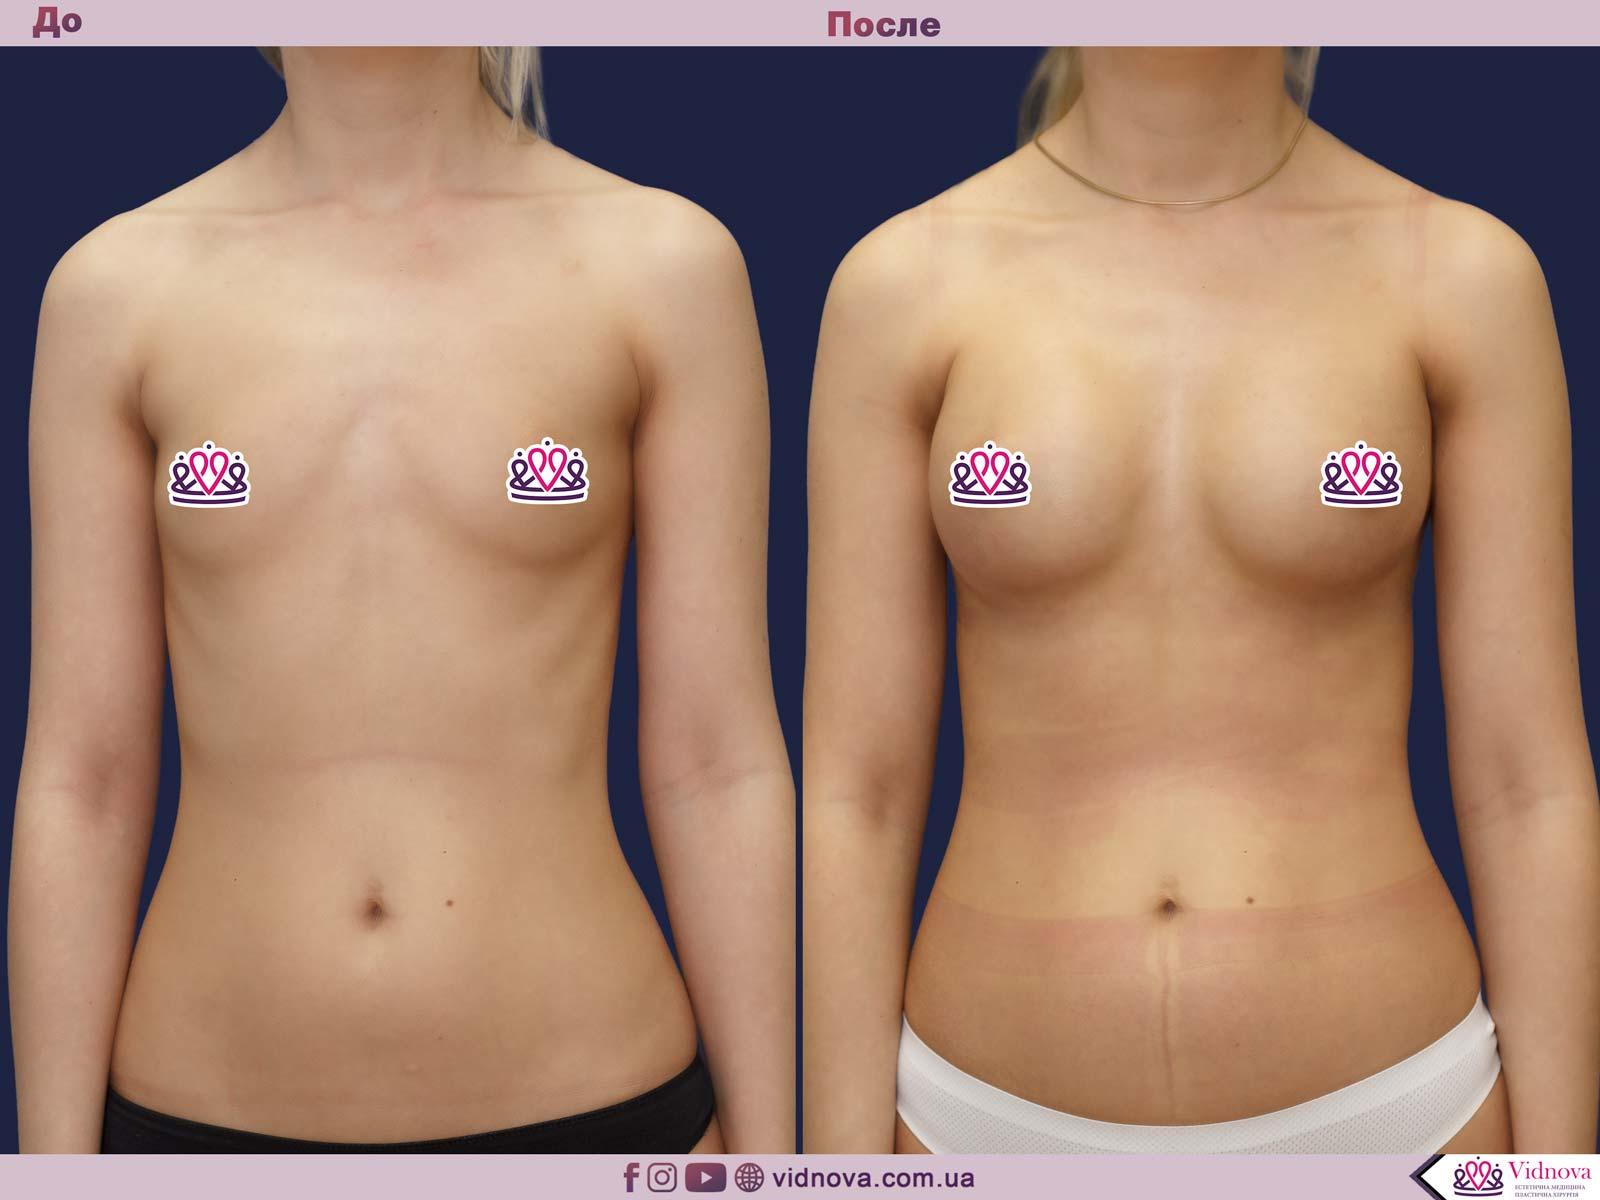 Пластика груди: результаты до и после - Пример №39-0 - Светлана Работенко